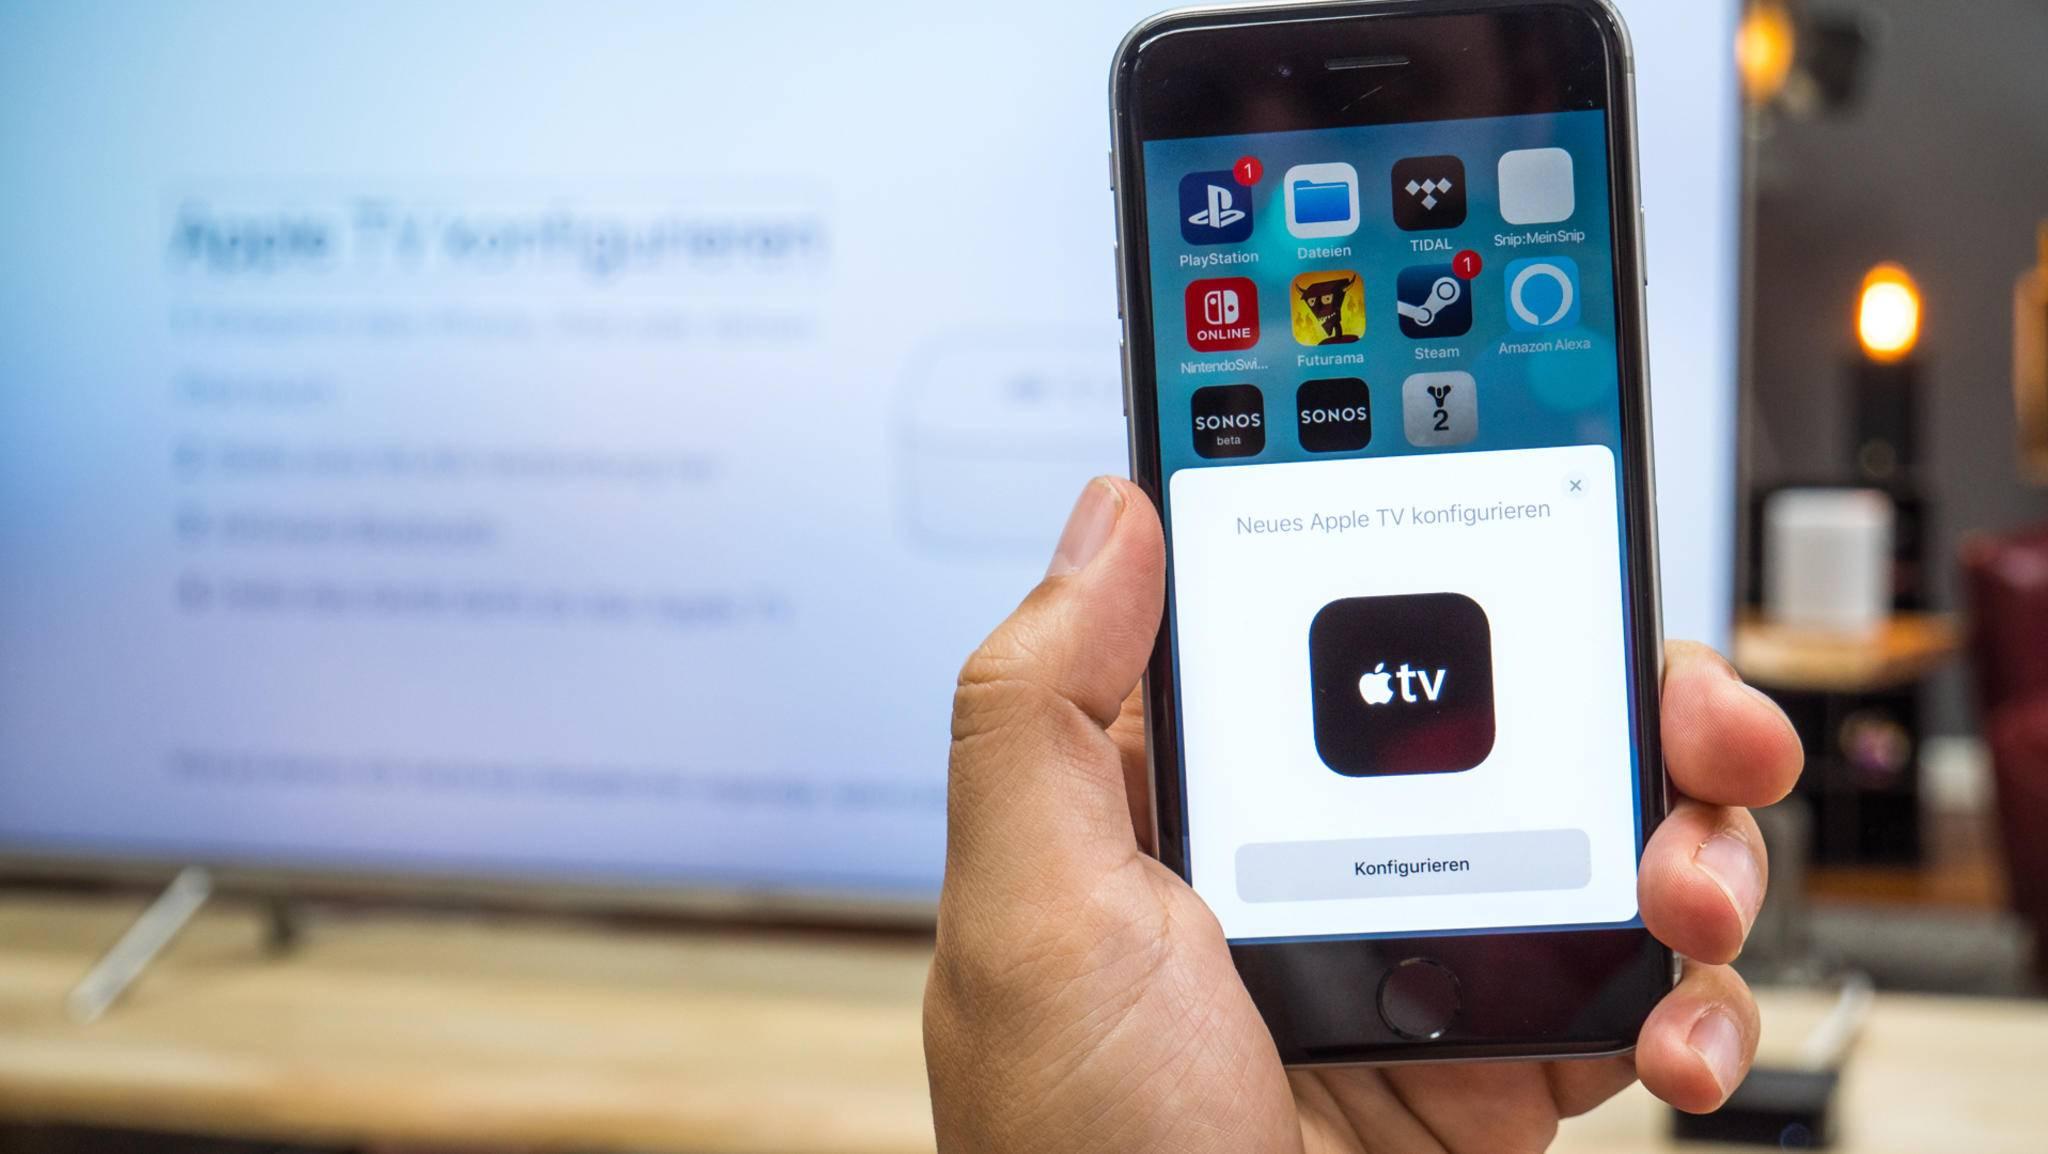 Apple sieht sich im Streaming-Markt starker Konkurrenz in Form von Amazon, Netflix oder Hulu gegenüber.